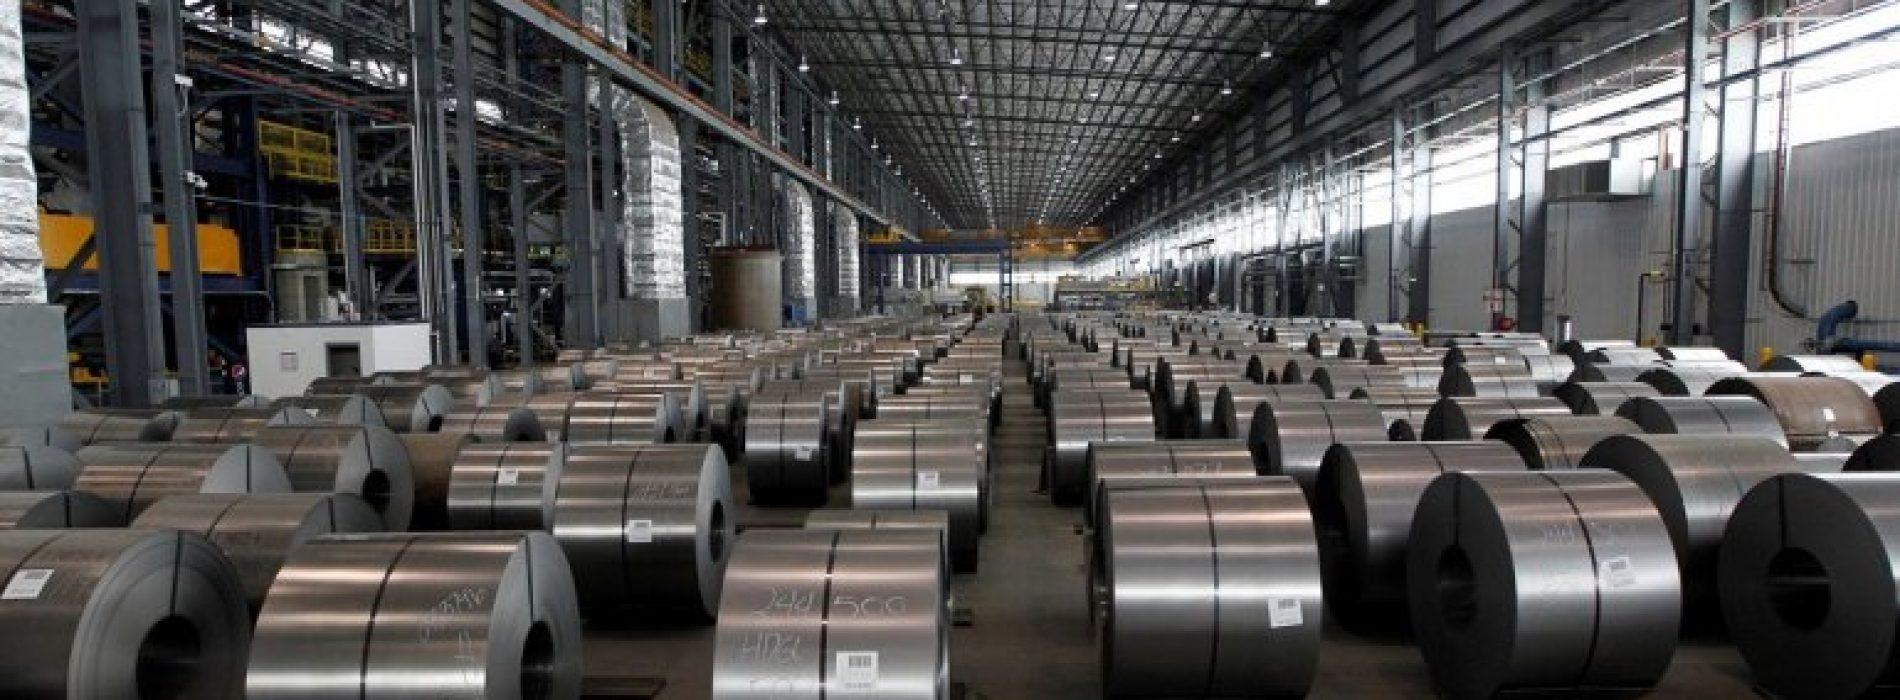 Trump impone aranceles del 25% al acero y del 10% al aluminio